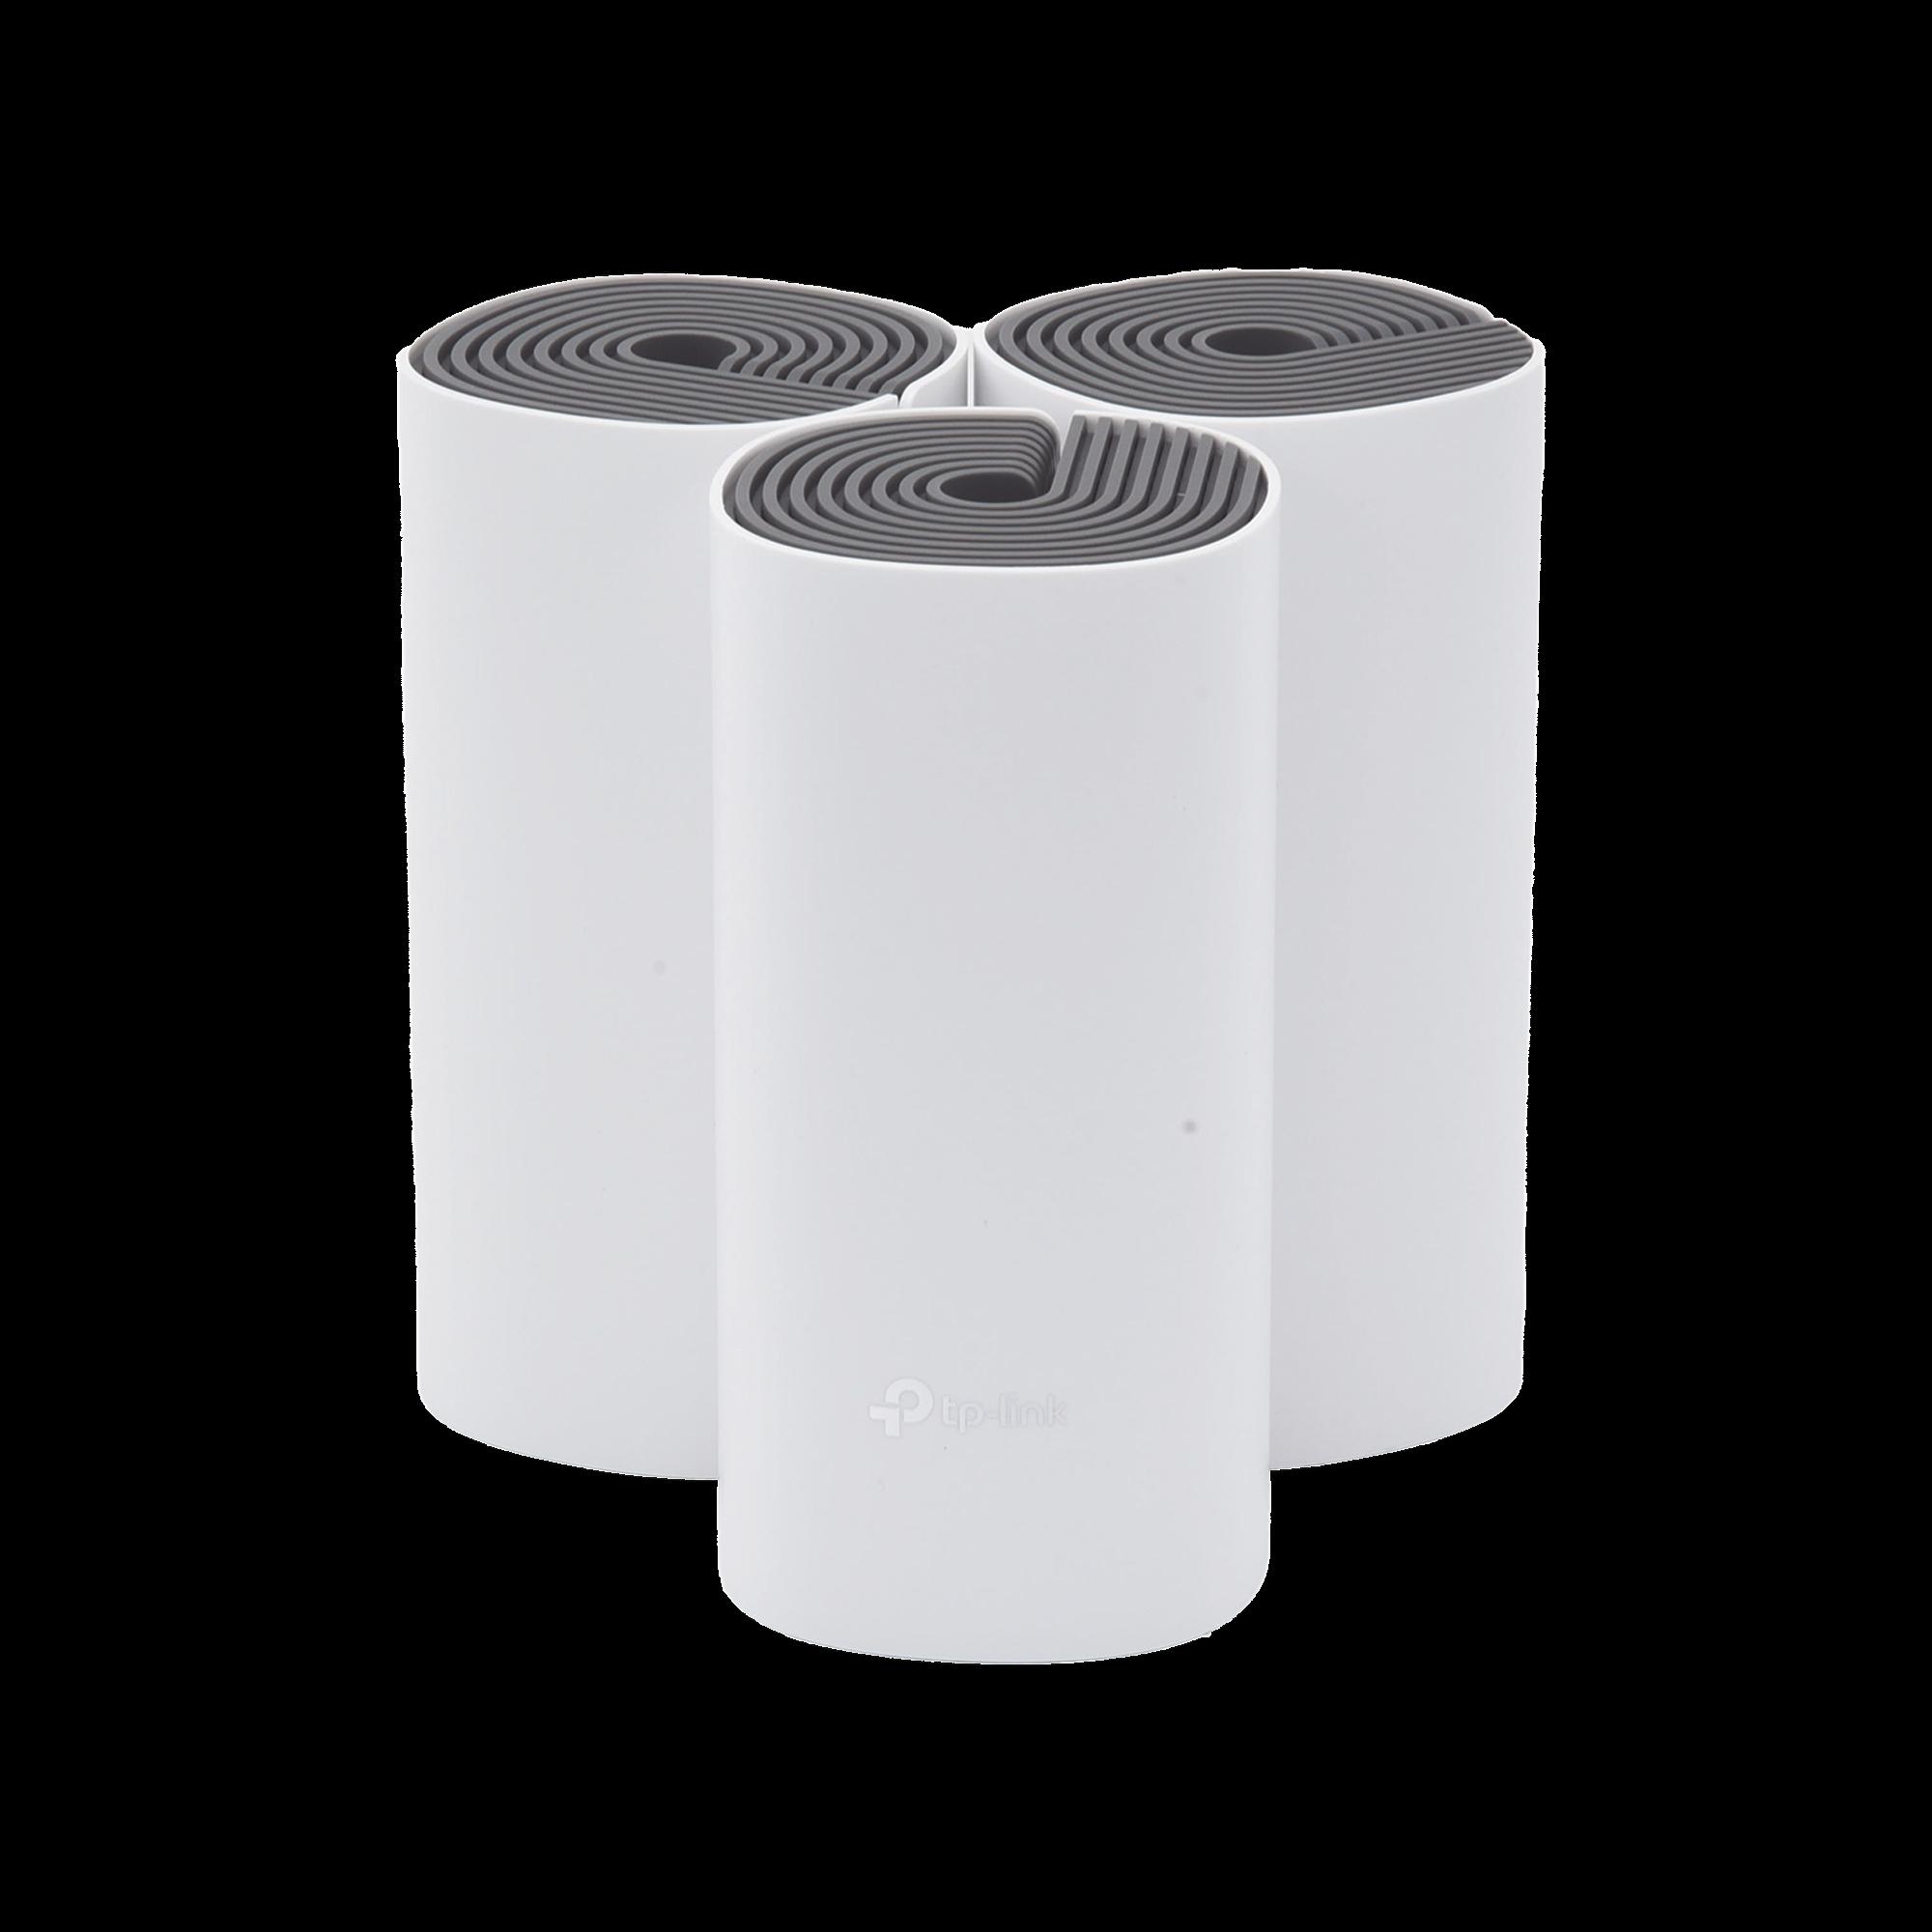 Router inalámbrico mesh para hogar, doble banda AC 1200, doble puerto 10/100 Mbps, incluye 3 equipos, compatible con amazon alexa.